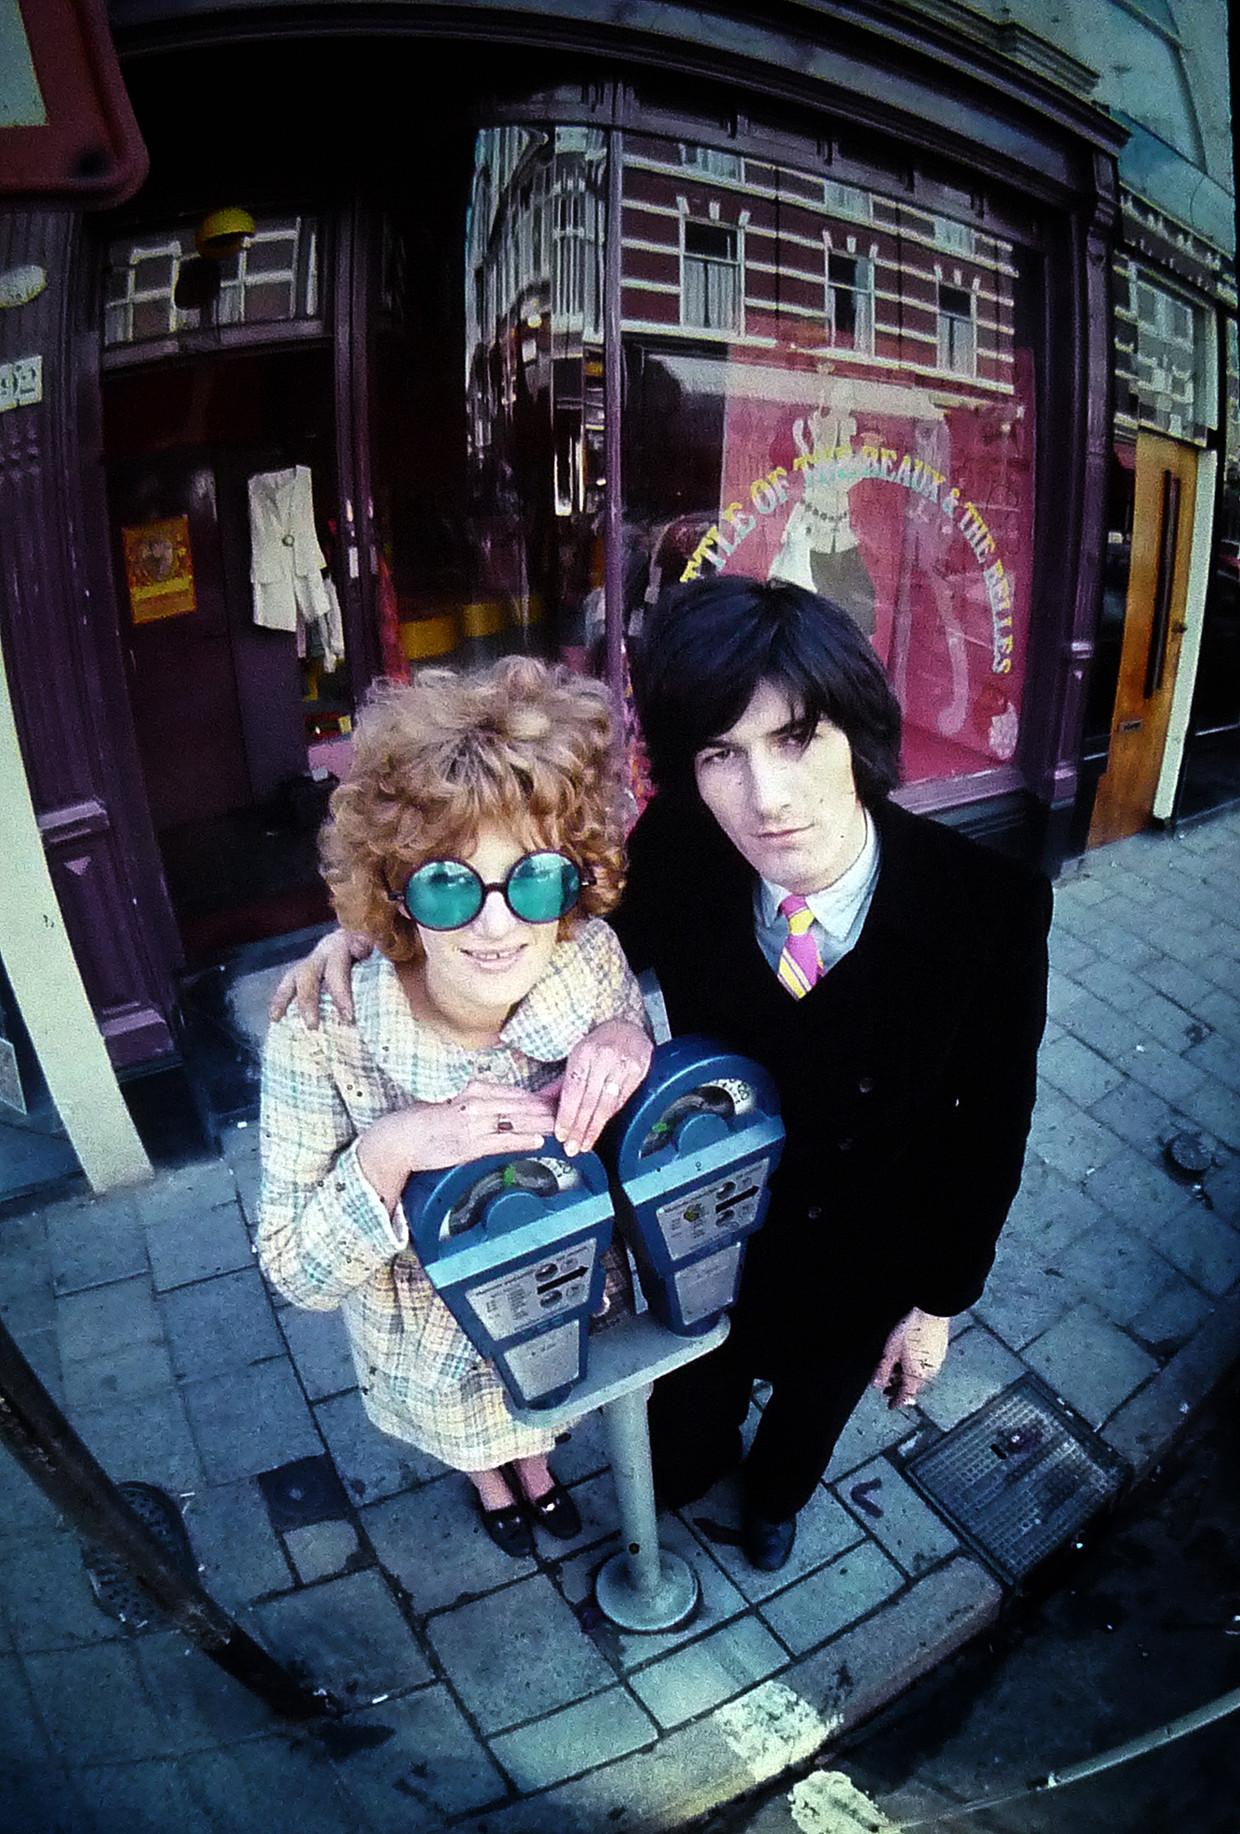 1967. De modeontwerpers Puck Kroon en Hans Kremmink voor hun eerste zaak in Den Haag.